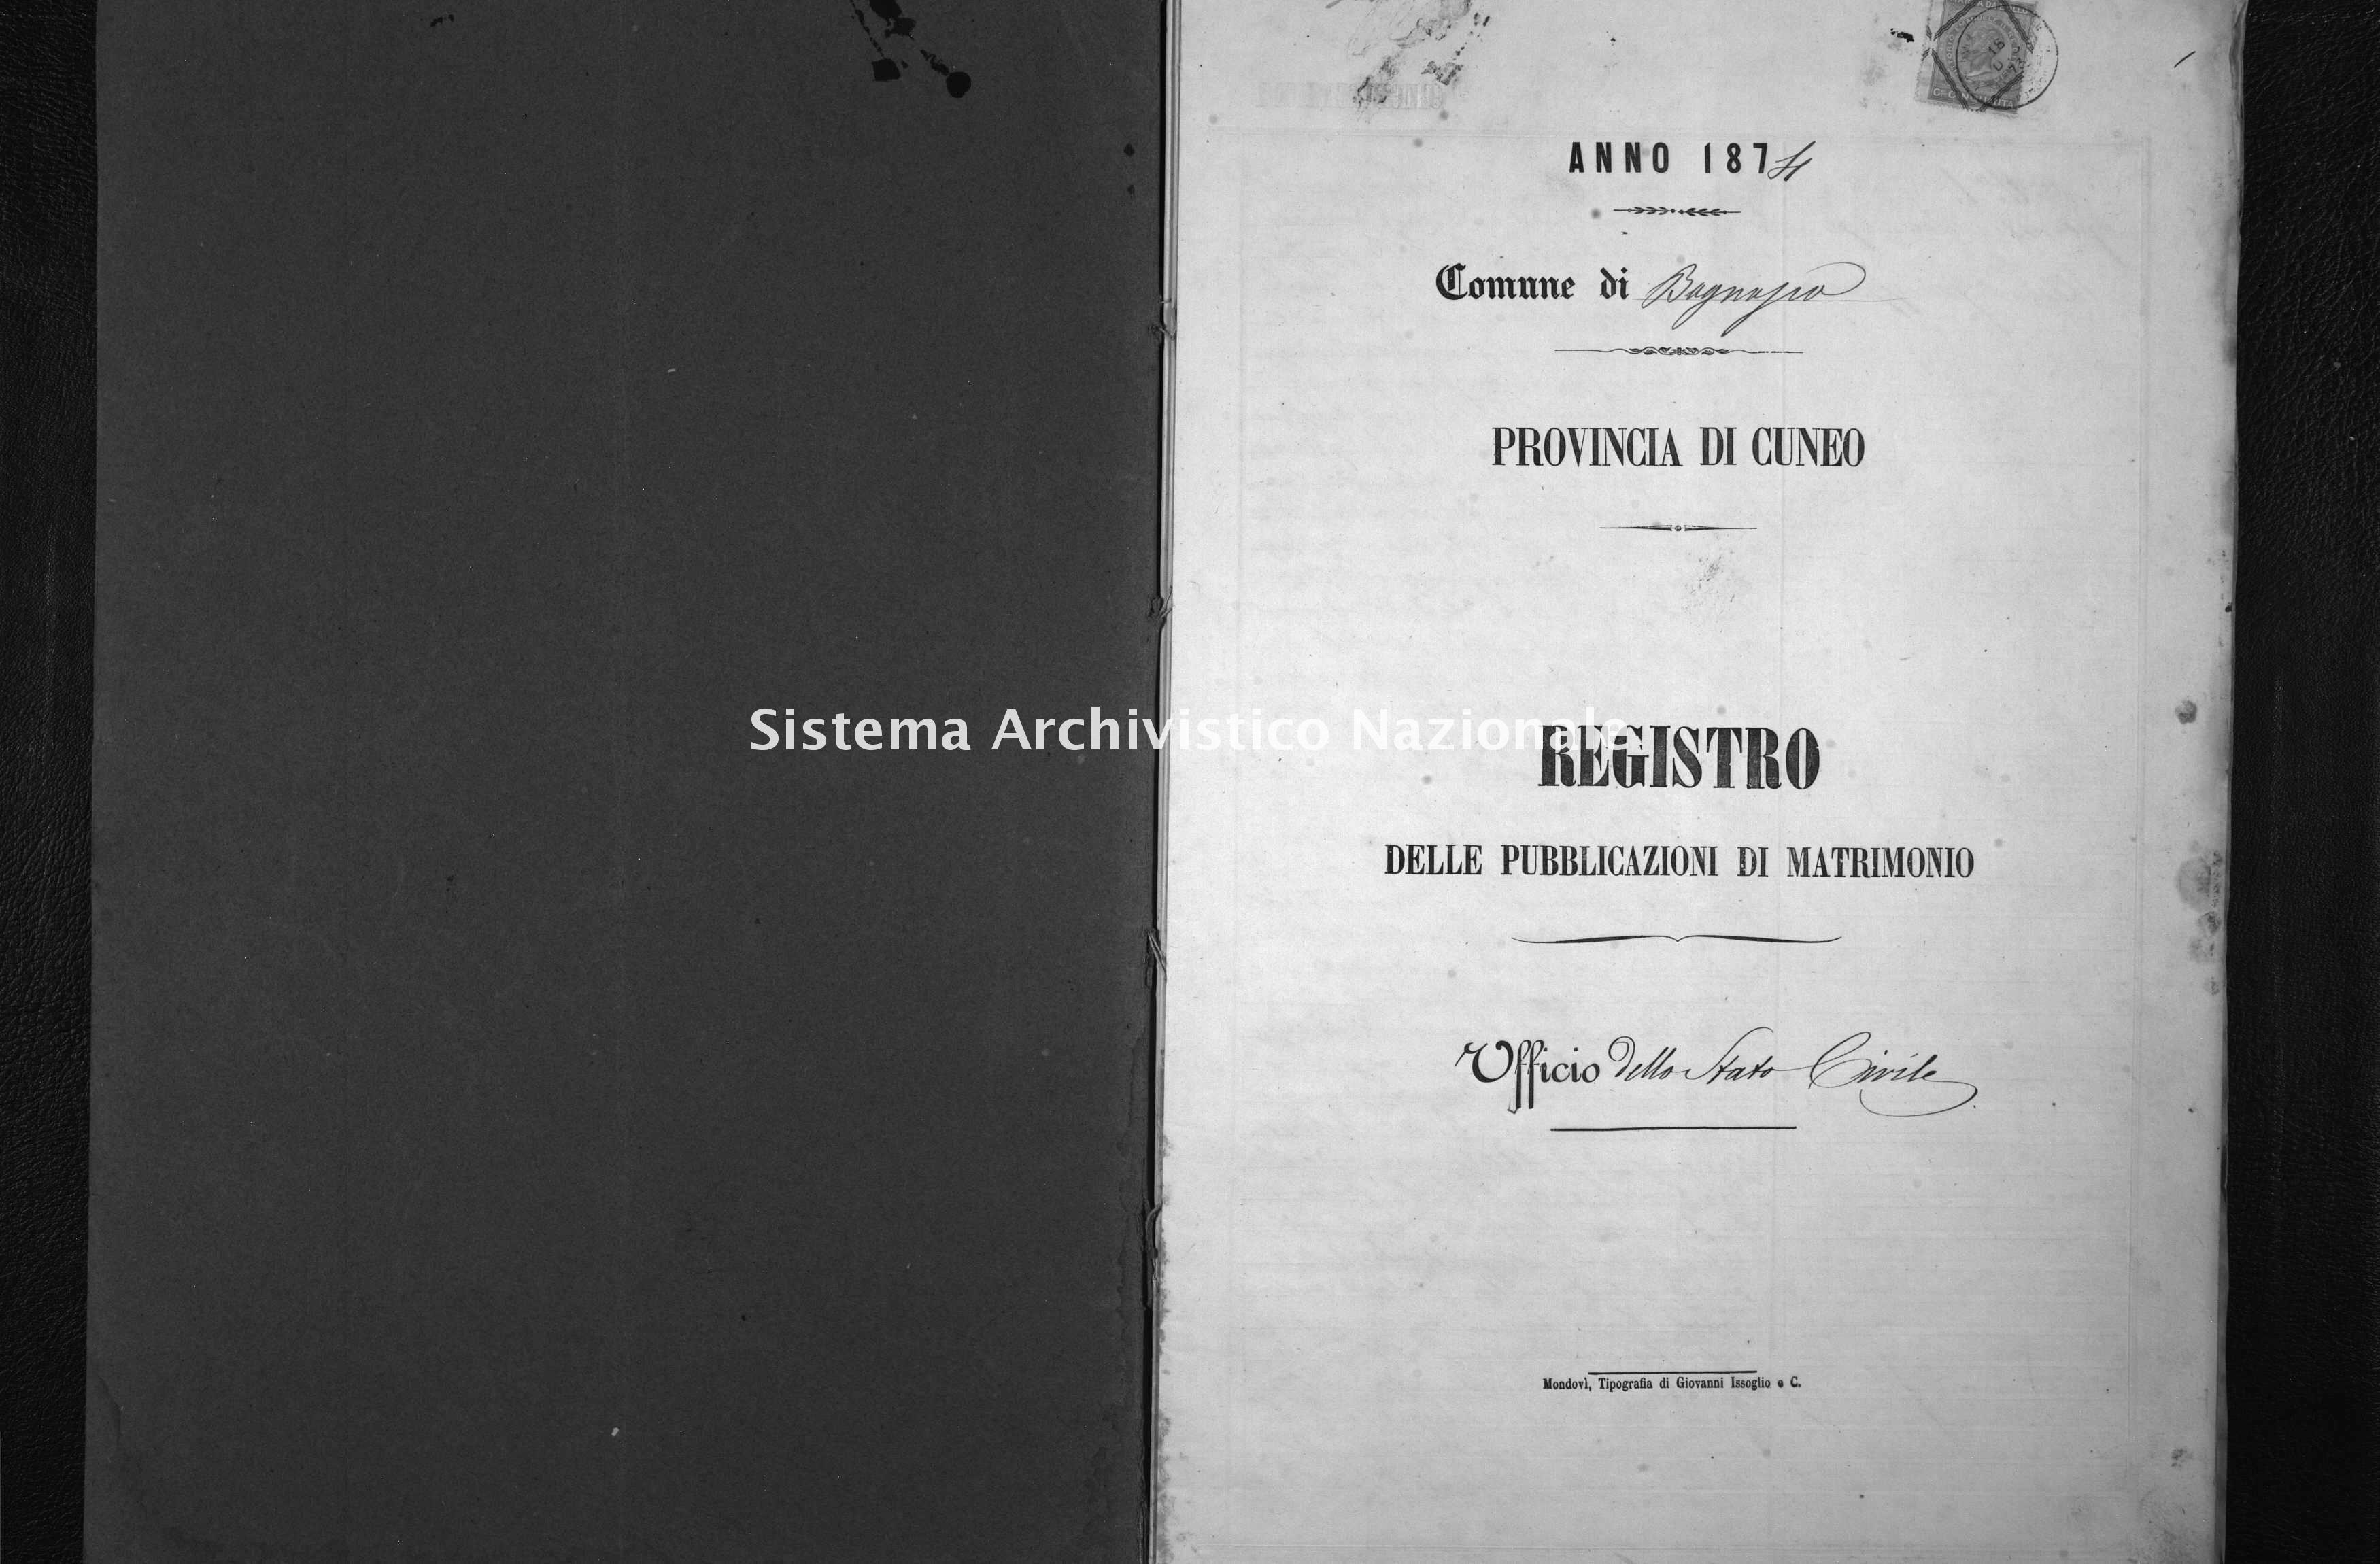 Archivio di stato di Cuneo - Stato civile italiano - Bagnasco - Matrimoni, pubblicazioni - 1874 -